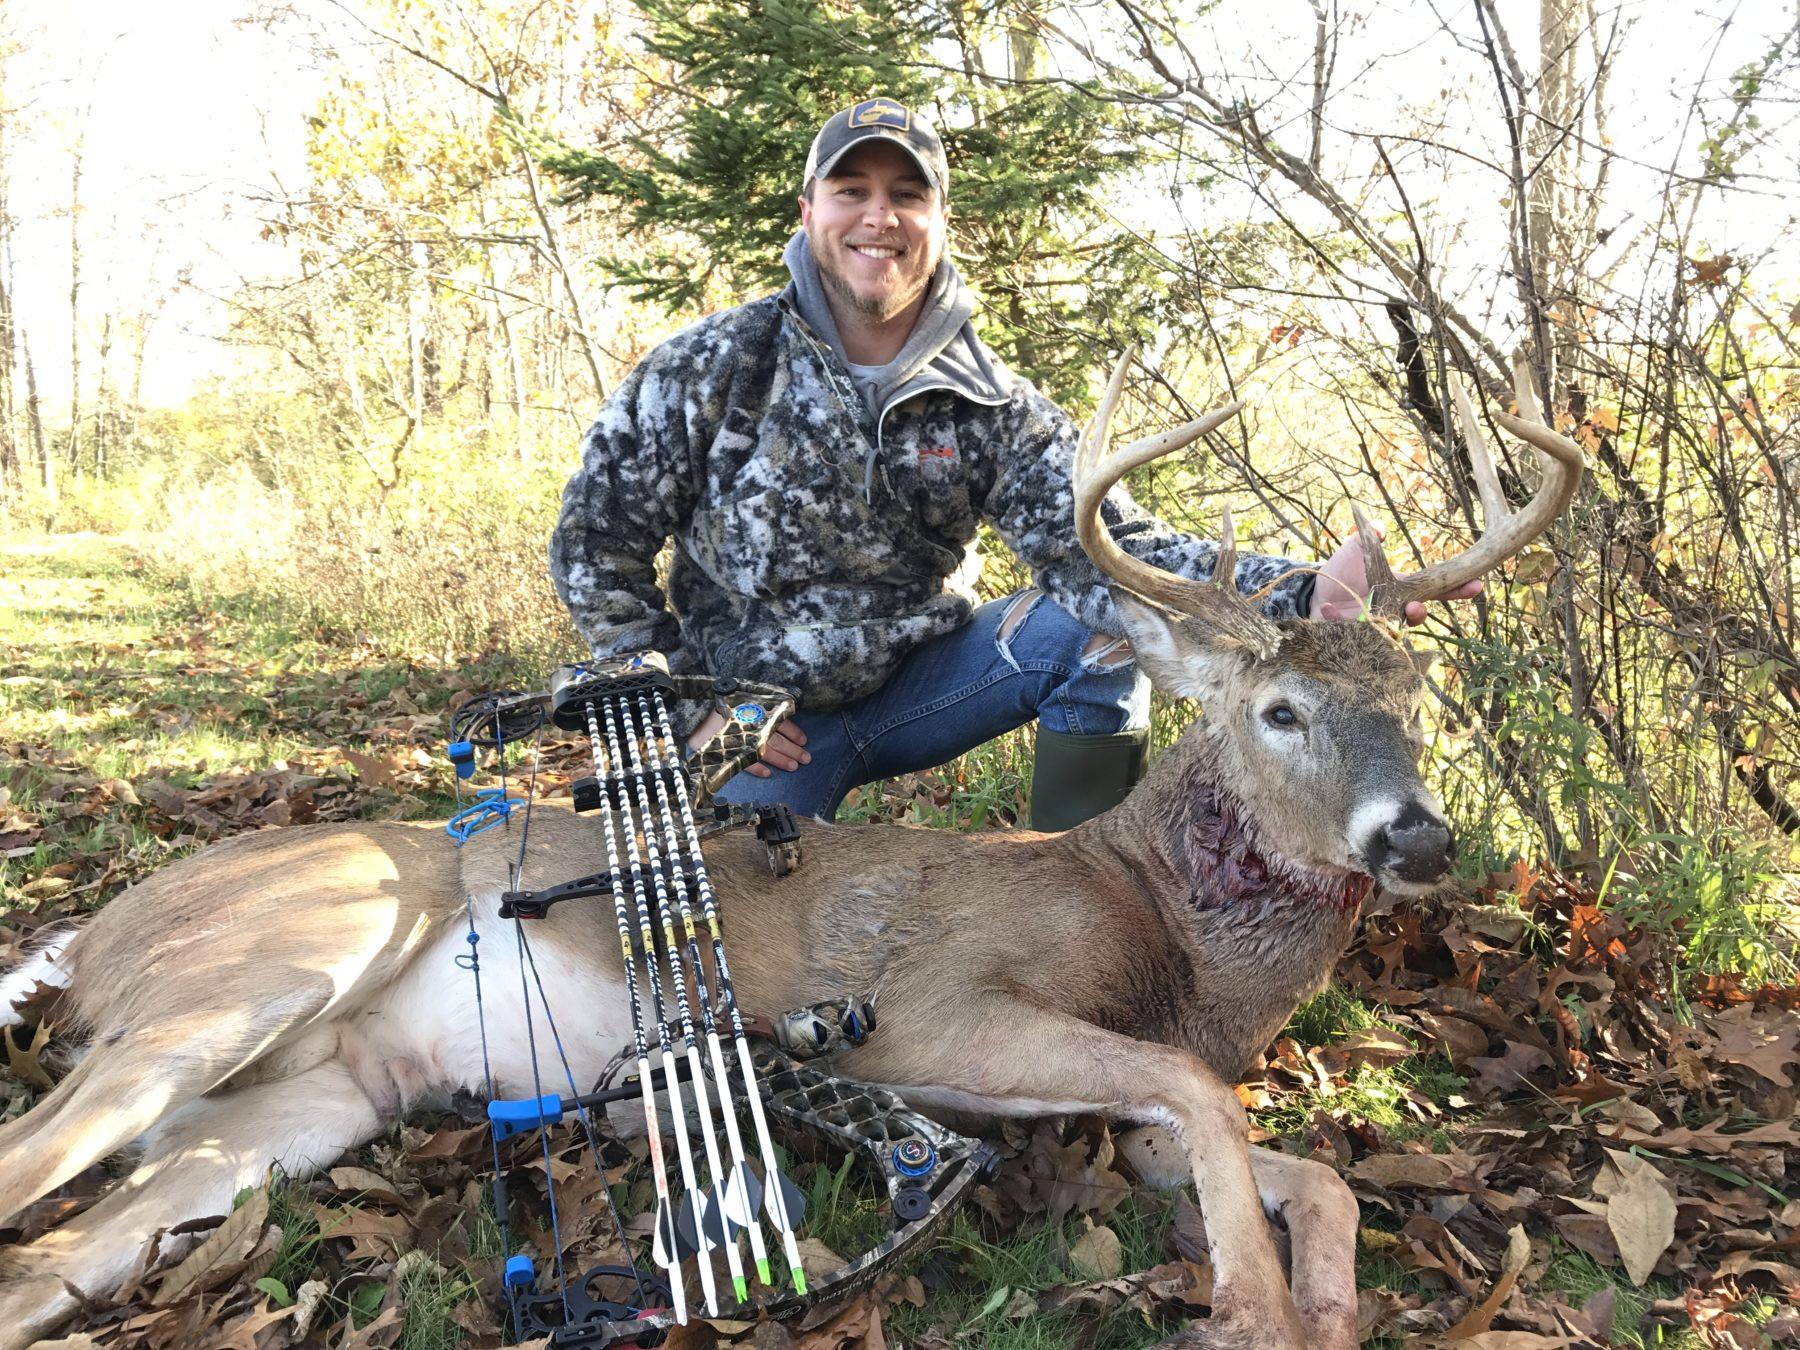 Huntining The Deer Rut In2021 | Calendar Printables Free Blank  Www.gadeerrut